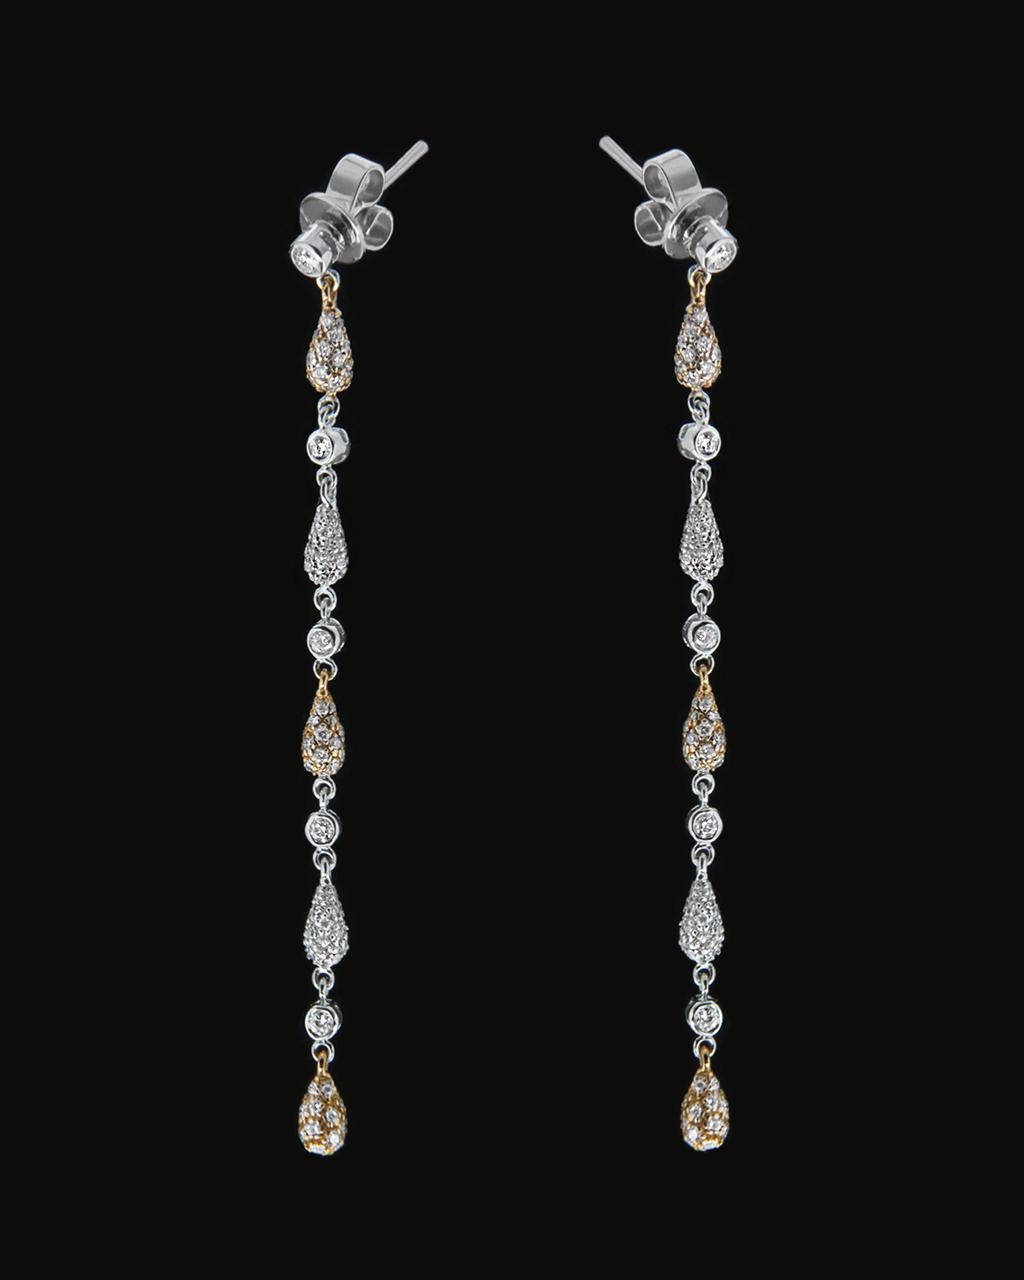 Σκουλαρίκια λευκόχρυσα & ροζ χρυσά Κ18 με Διαμάντια   γαμοσ νυφικό κόσμημα